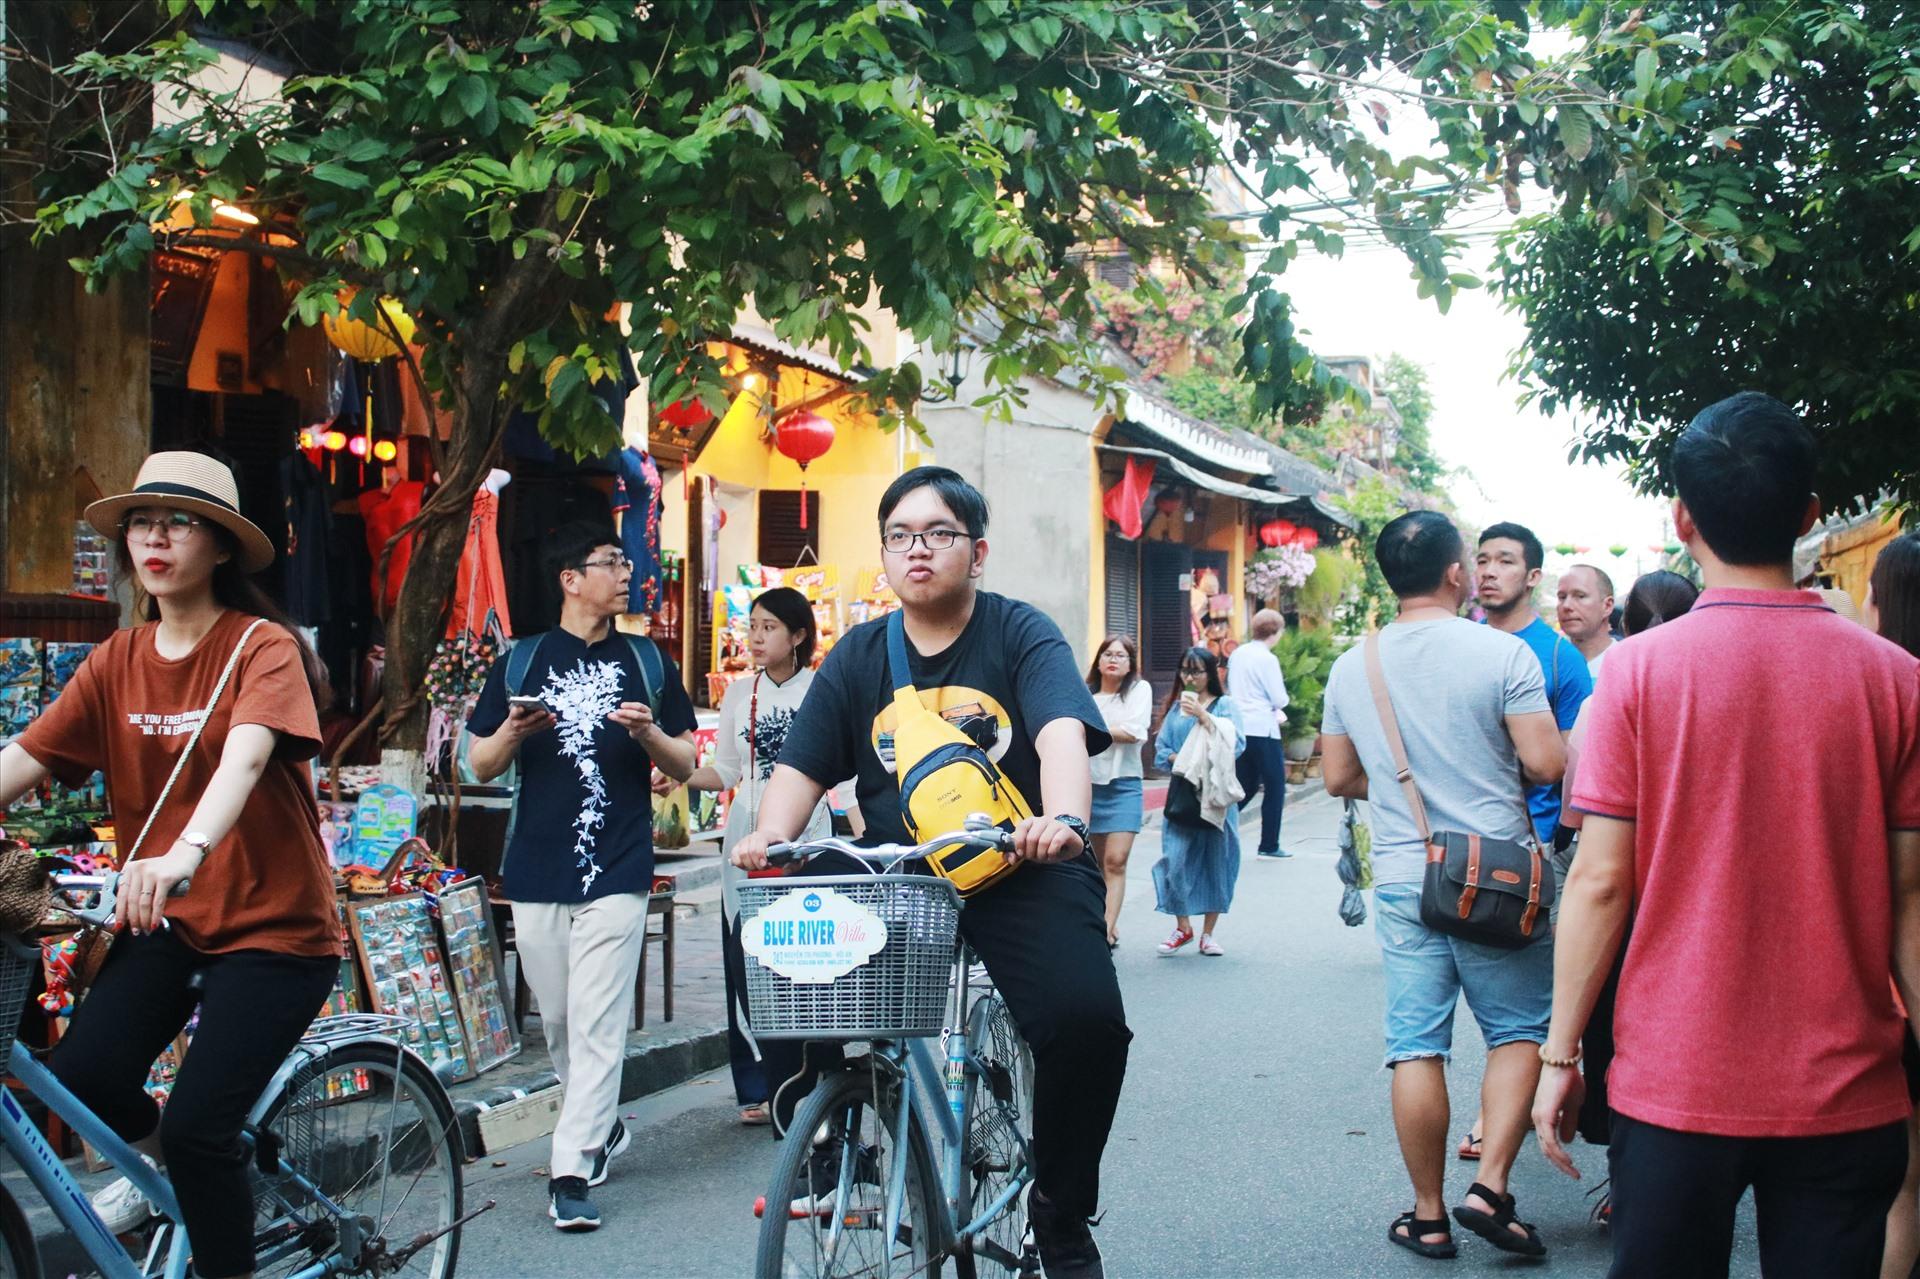 Không quá đông đúc như ngày thường, Hội An lại càng được du khách yêu thich khi đi dạo, đạp xe